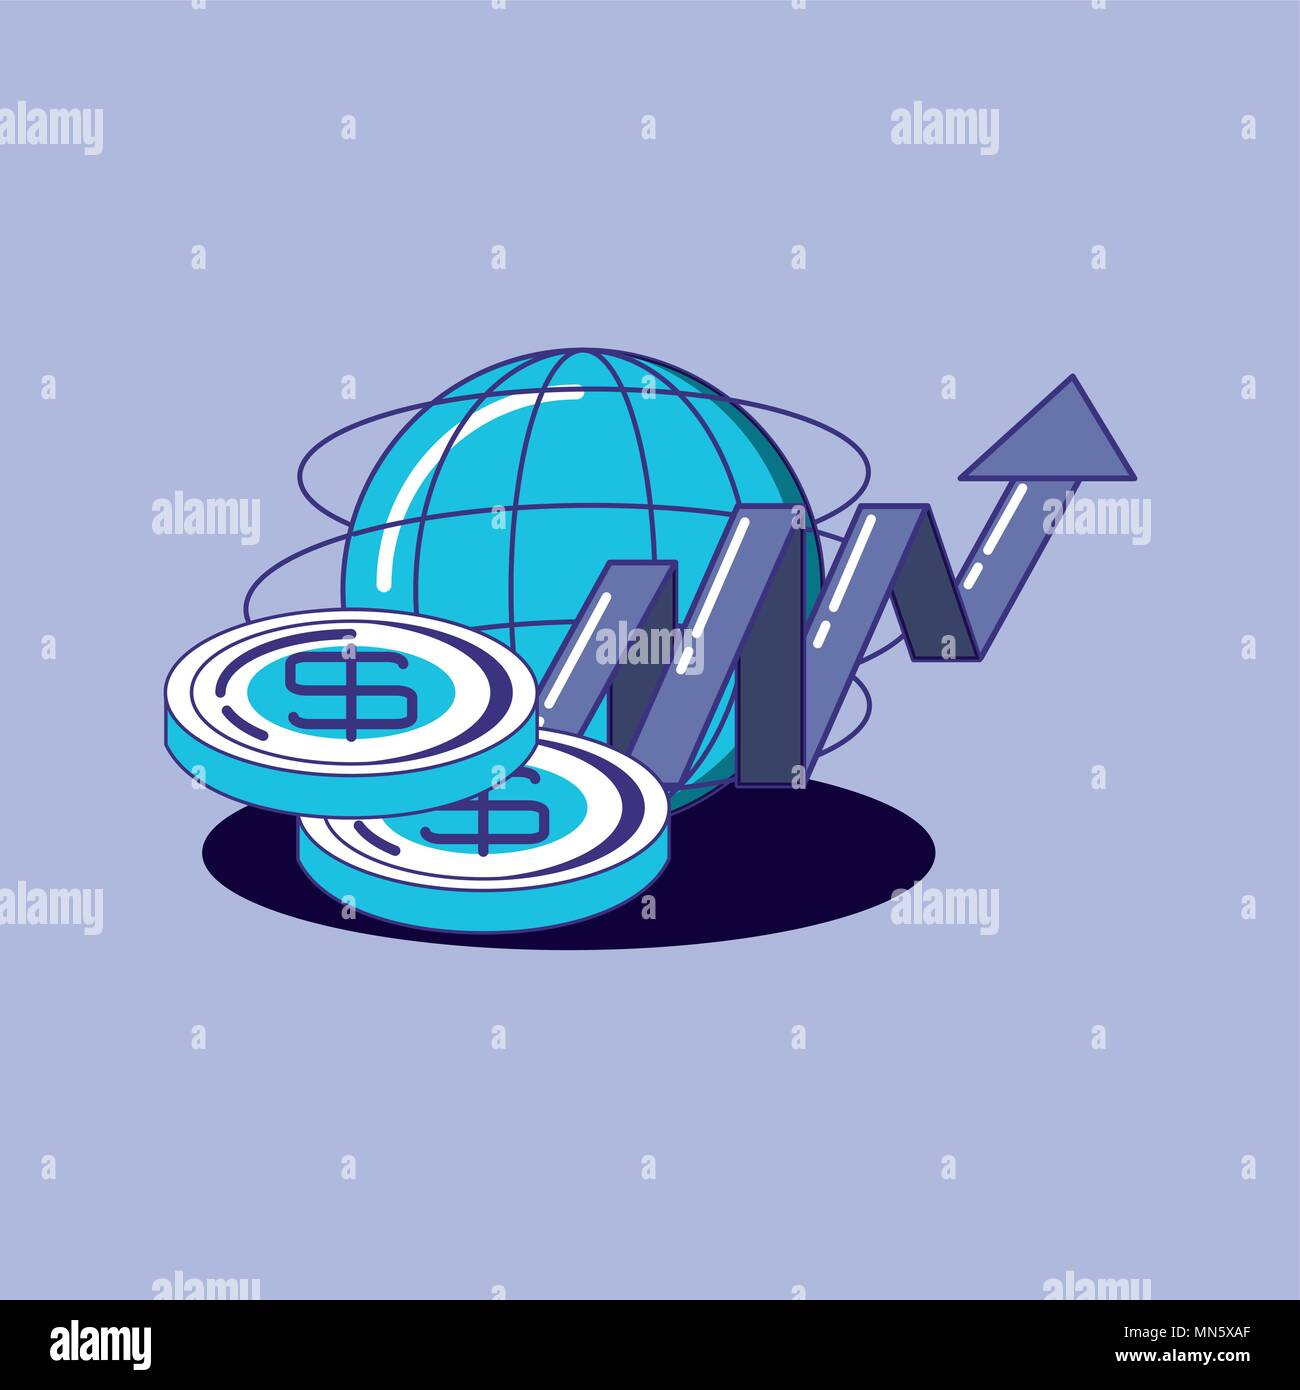 Financial technology design con ambito globale e denaro monete su sfondo viola, design colorato. illustrazione vettoriale Immagini Stock